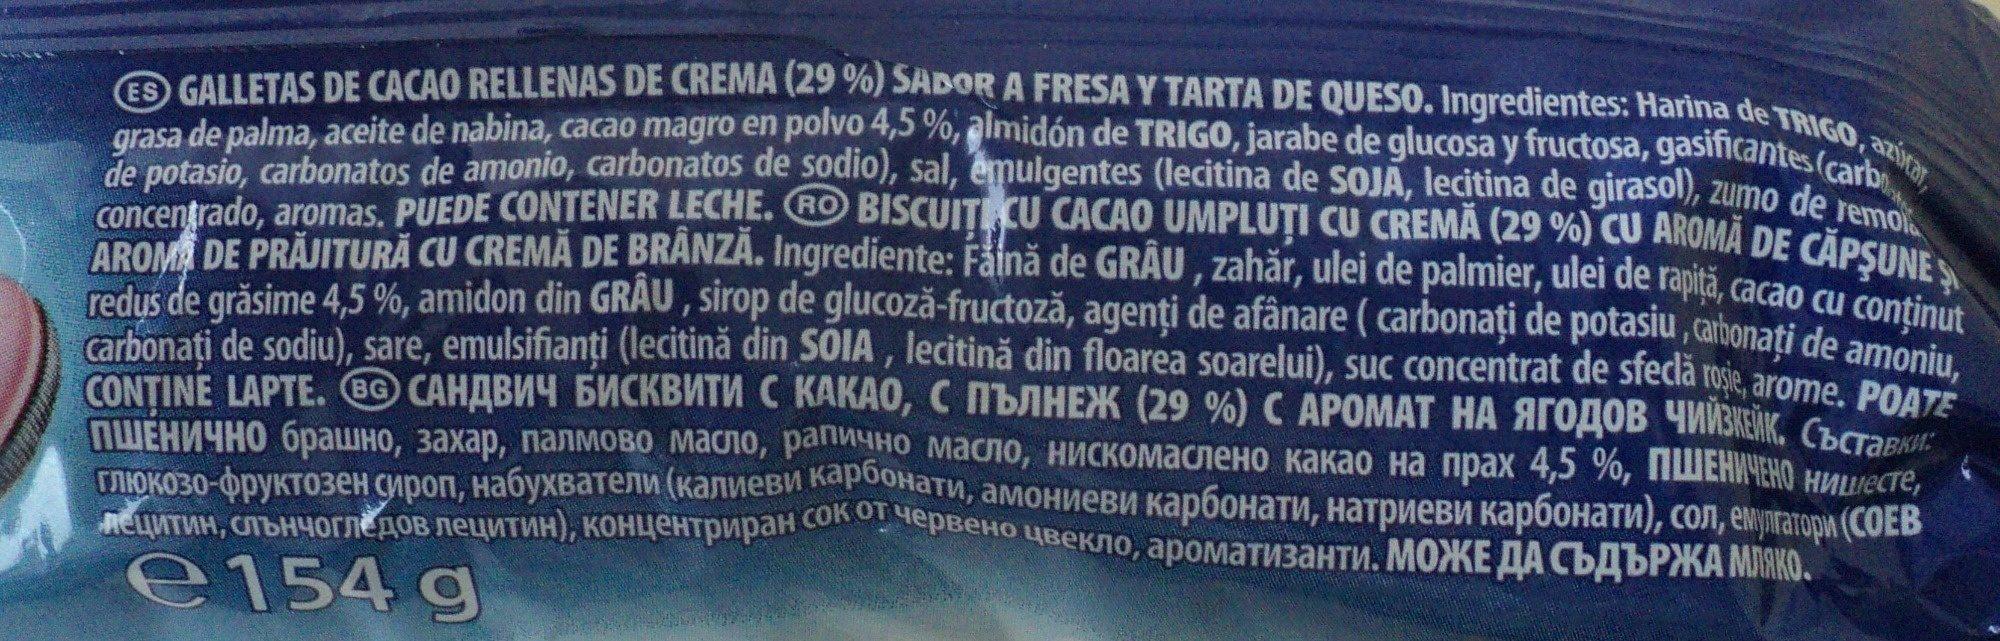 Oreo Strawberry Cheesecake 14er - Ingredientes - ro